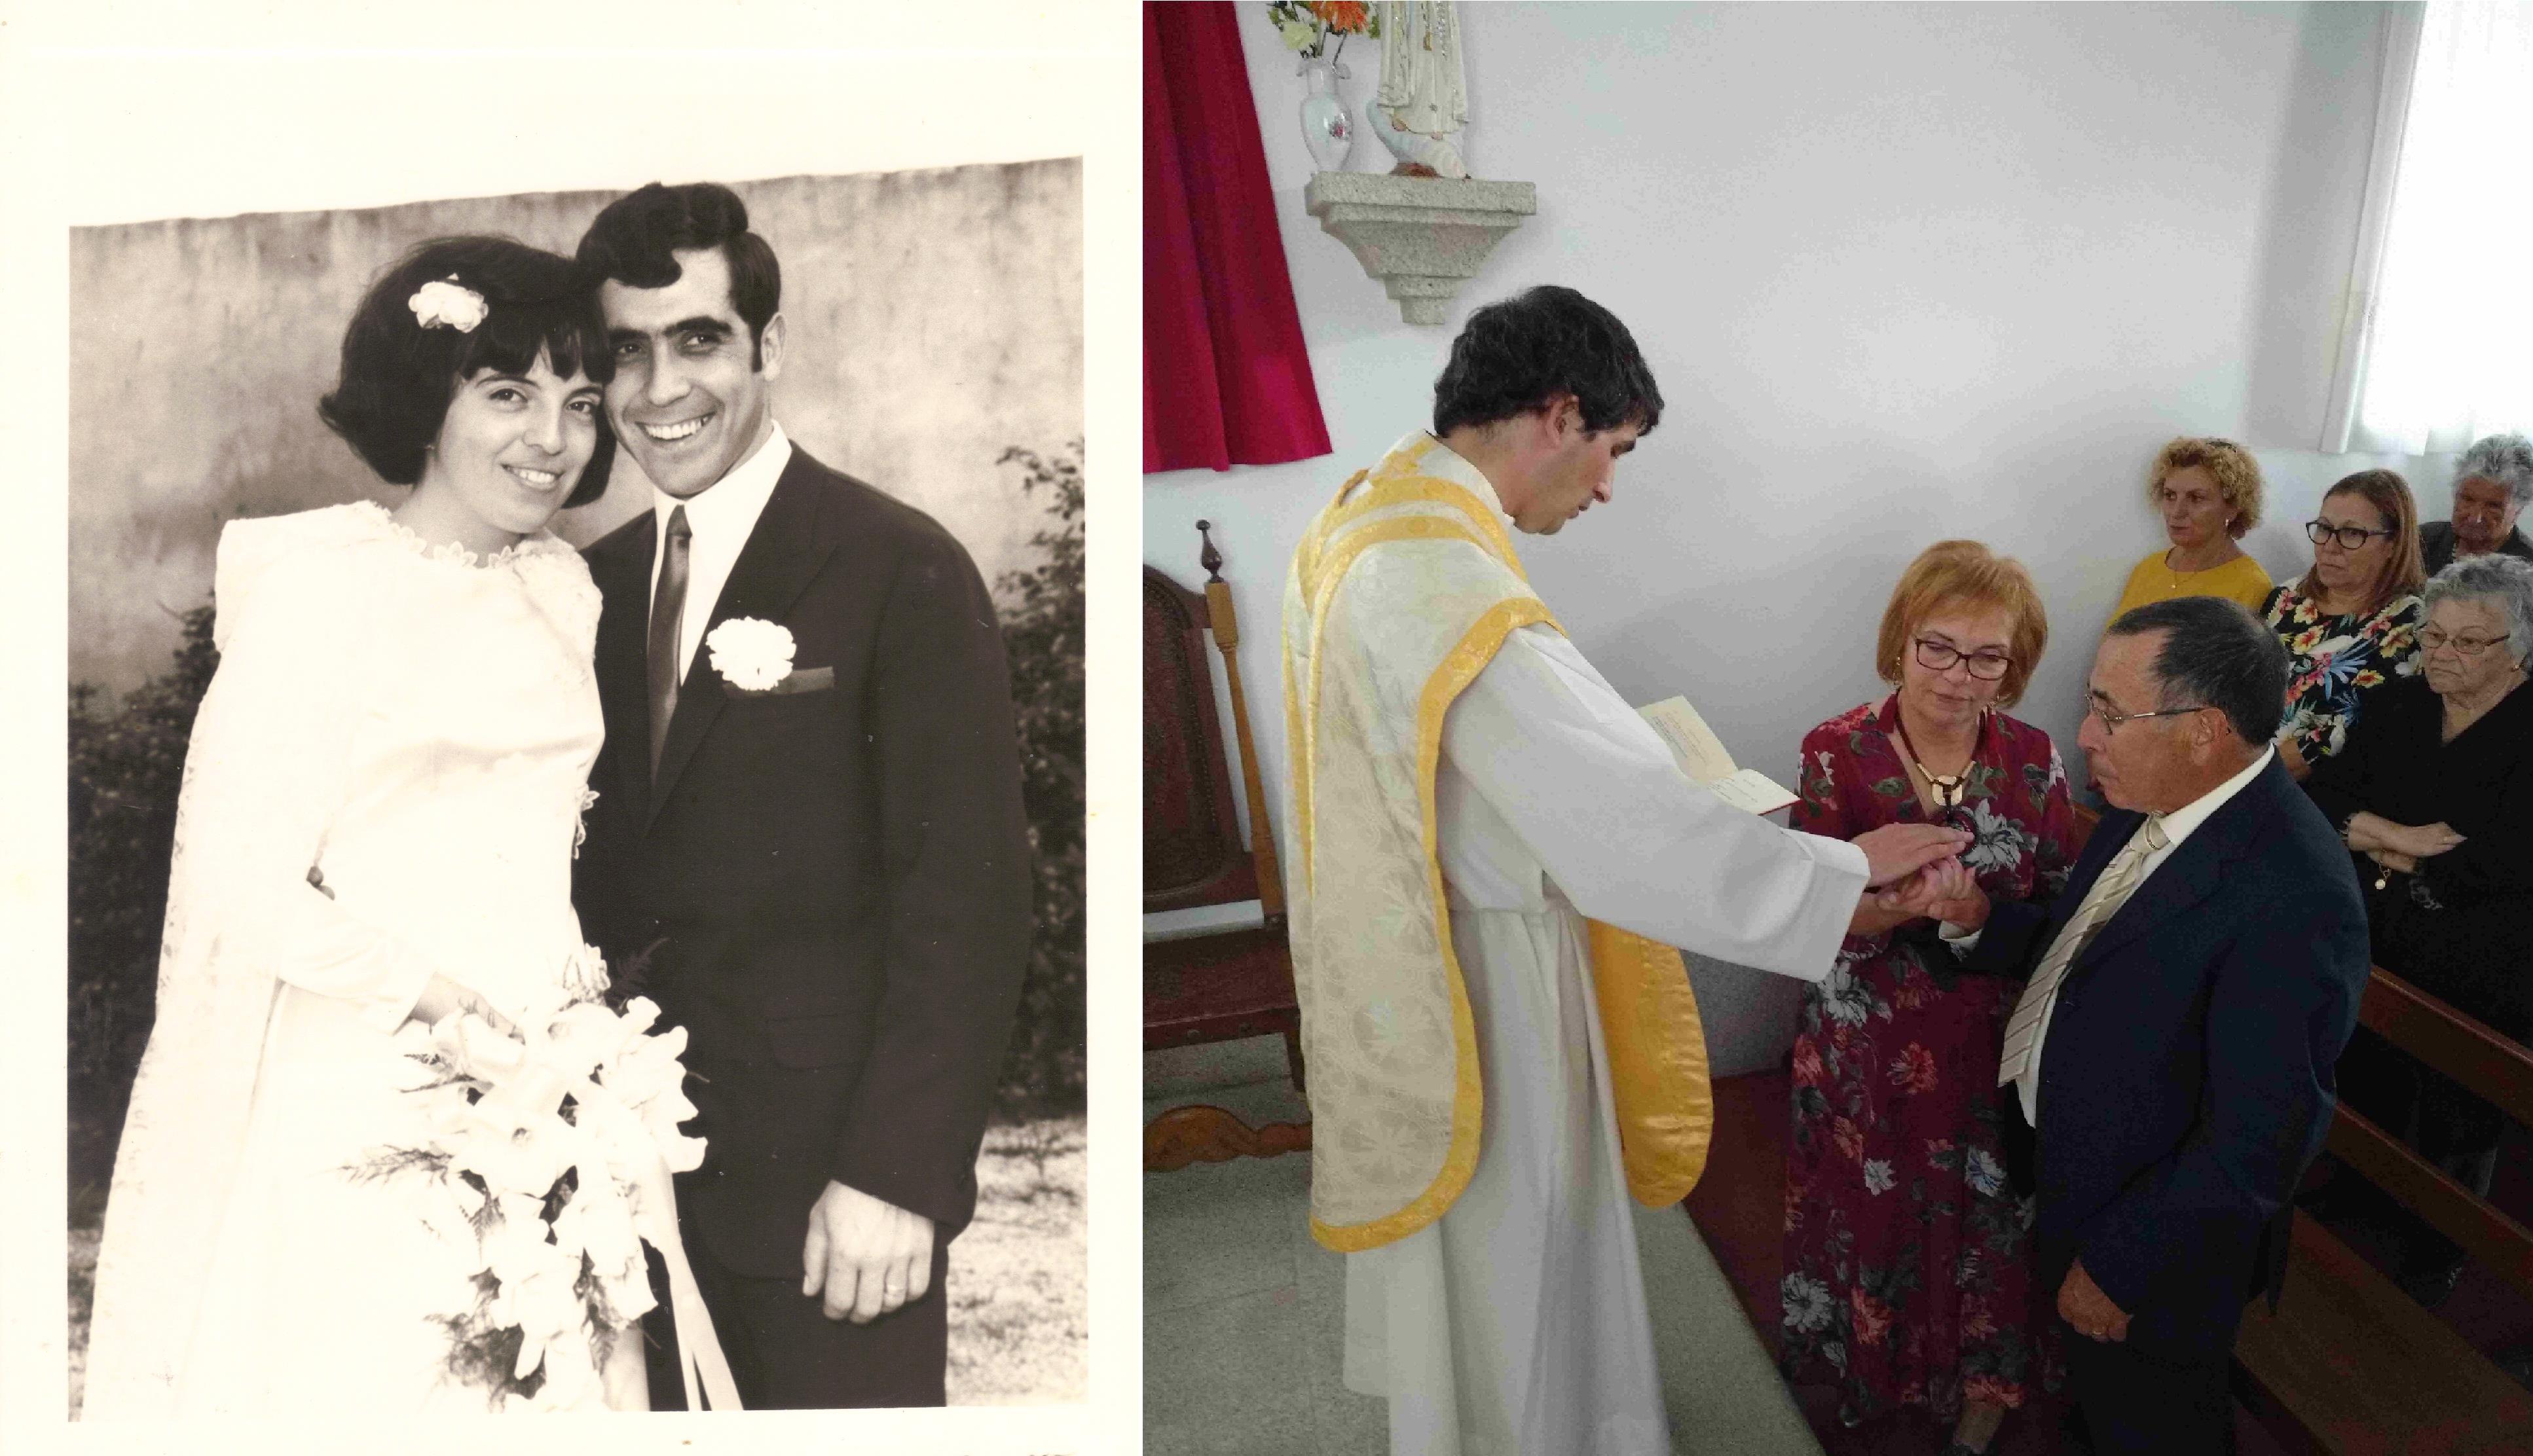 Casamento de Tiló Henriques e José Henriques, no Domingo, 12 de Outubro de 1969 e 50.º aniversário do casamento de Tiló Henriques e José Henriques, no Sábado, 12 de Outubro de 2019